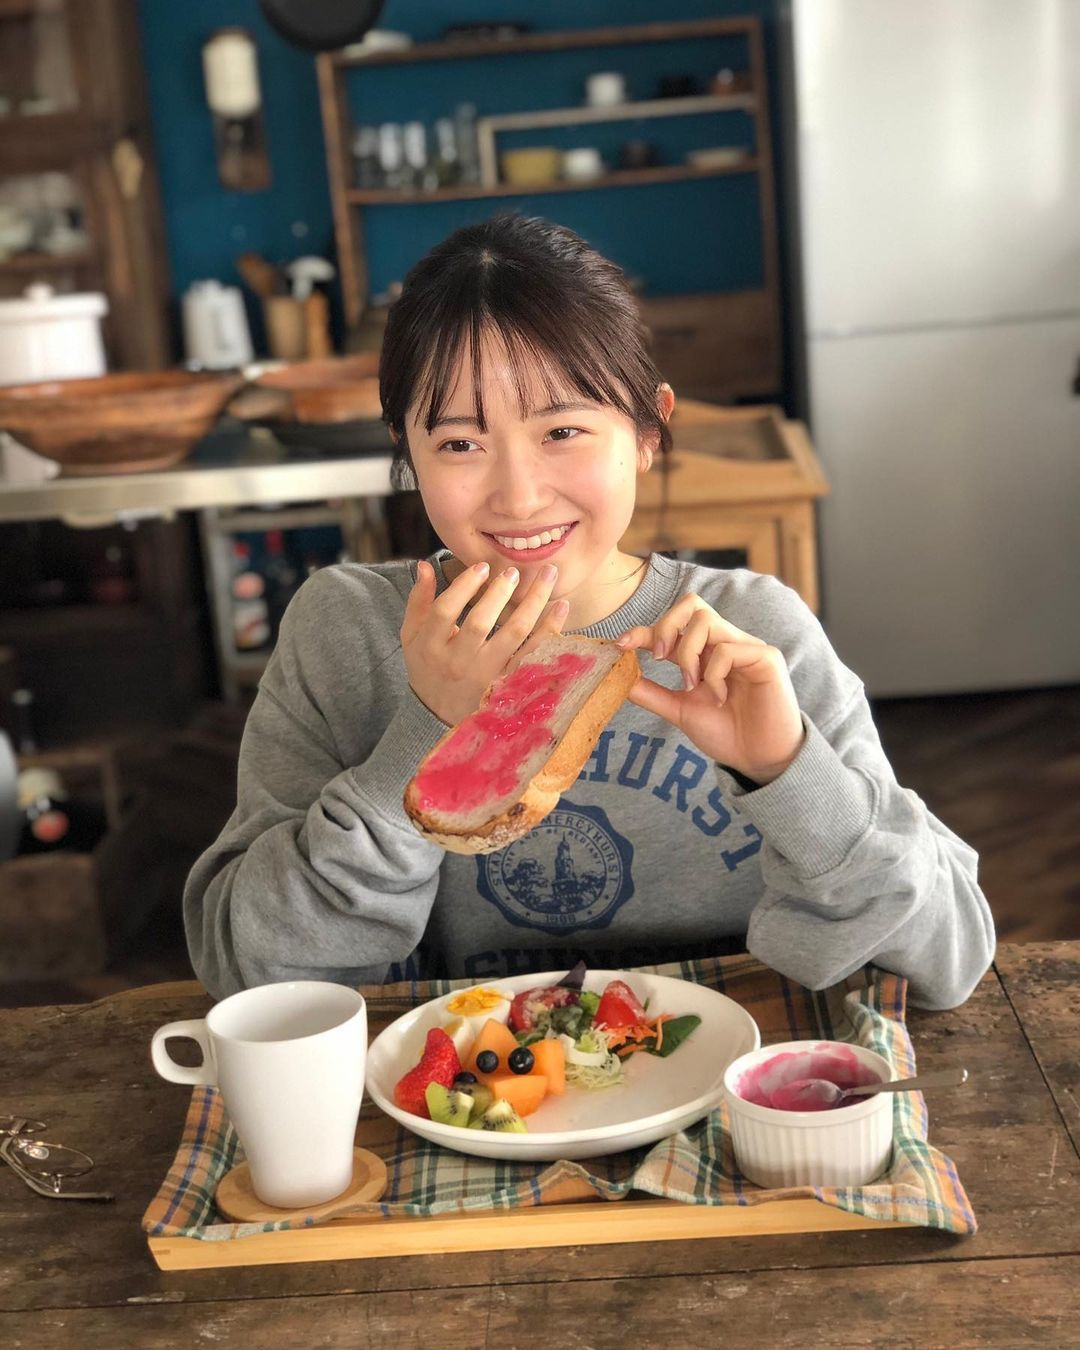 甜美小吃货森戸知沙希大口吃美食画面超疗愈疲惫心灵也跟着得到满足 养眼图片 第17张